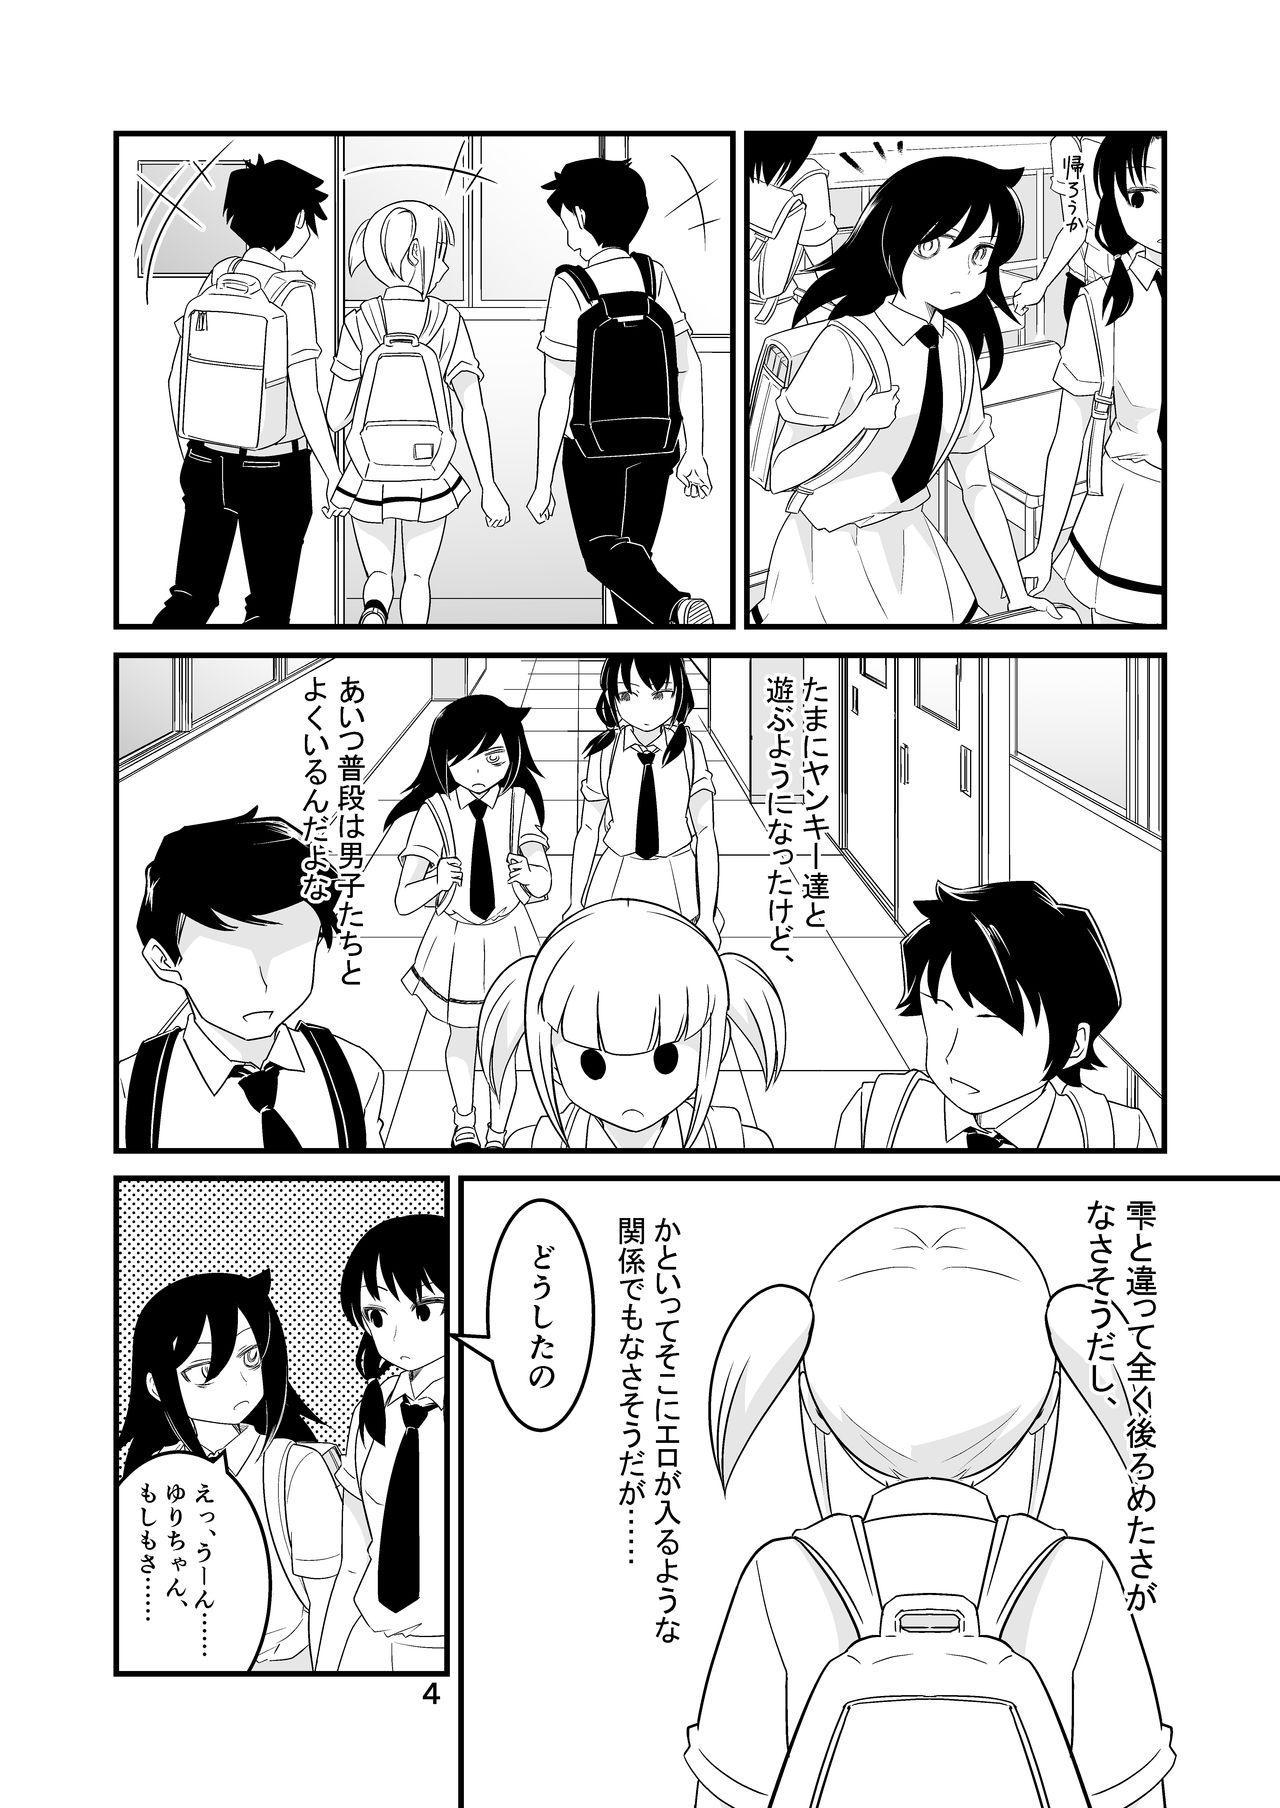 Watamote Seishun Omnibus 3